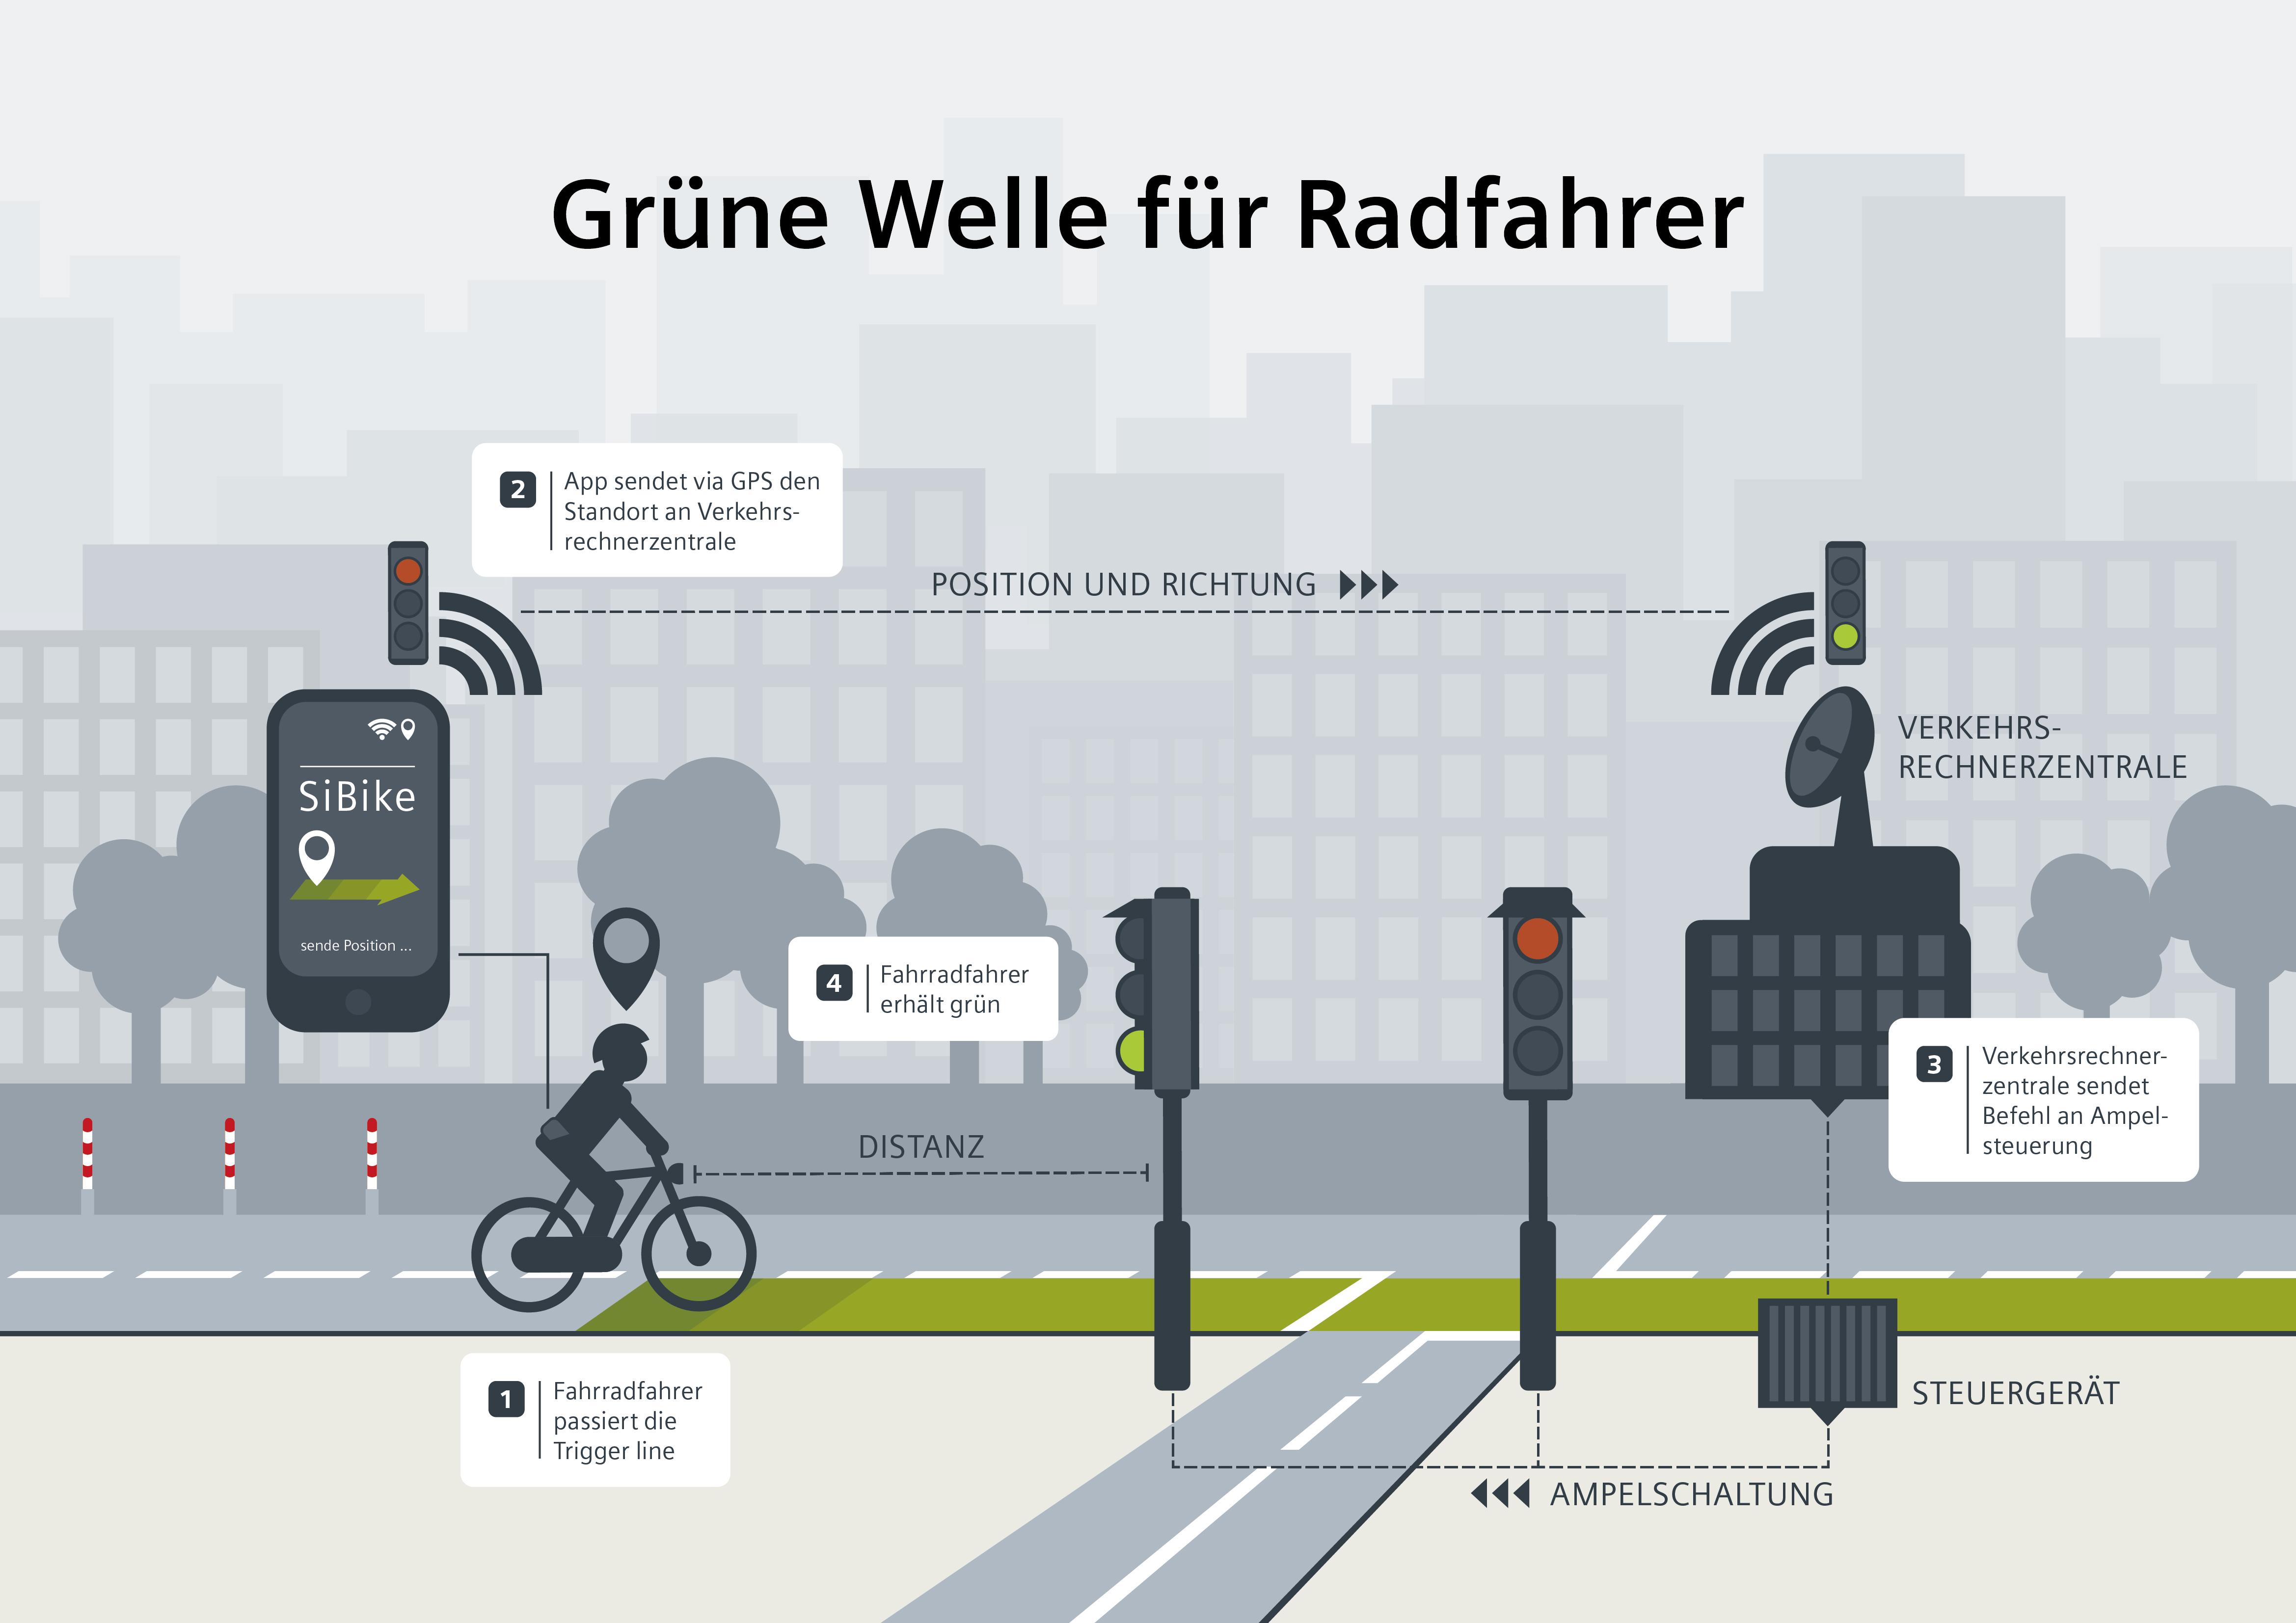 """Mit dem Überfahren der """"Trigger line"""" lösen Radfahrende die Grünschaltung der Ampel zu ihren Gunsten aus. Abbildung:  SiBike/Siemens"""